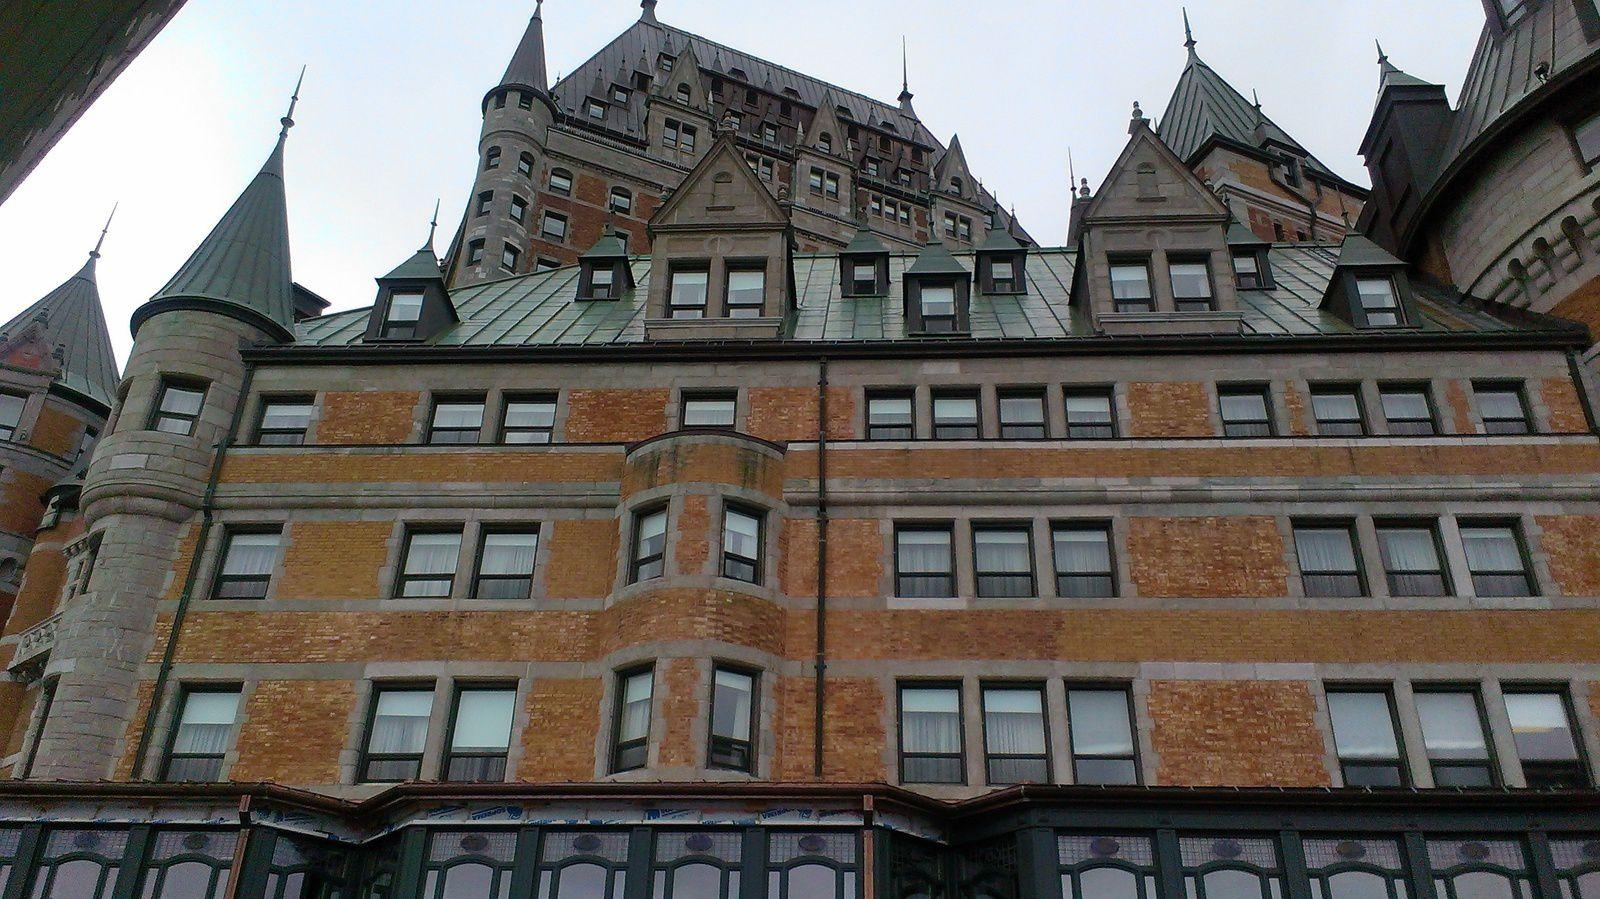 Ici, des photos de la ville de Québec, dont certaines montrant la fresque qui récapitule l'histoire de la ville. (non, mes photos ne sont ni droites, ni cadrées mais je ne me réclamerais jamais d'être une bonne photographe)